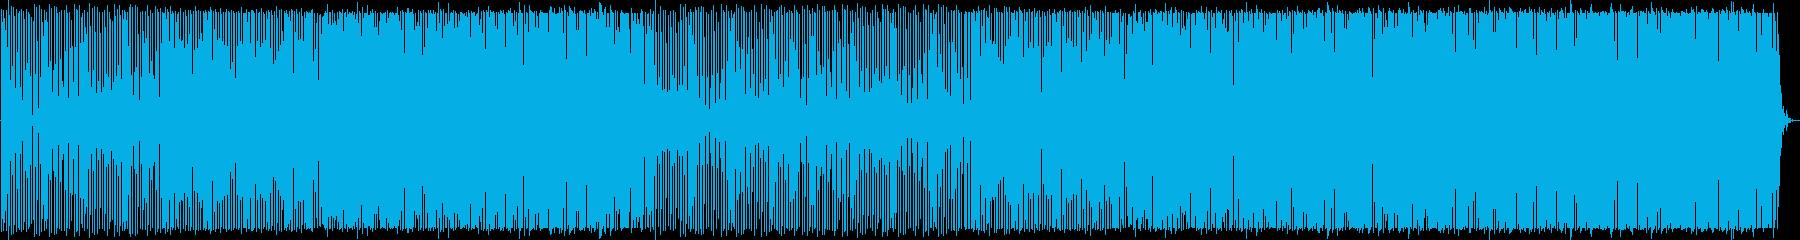 疾走感/ハウス_No448の再生済みの波形